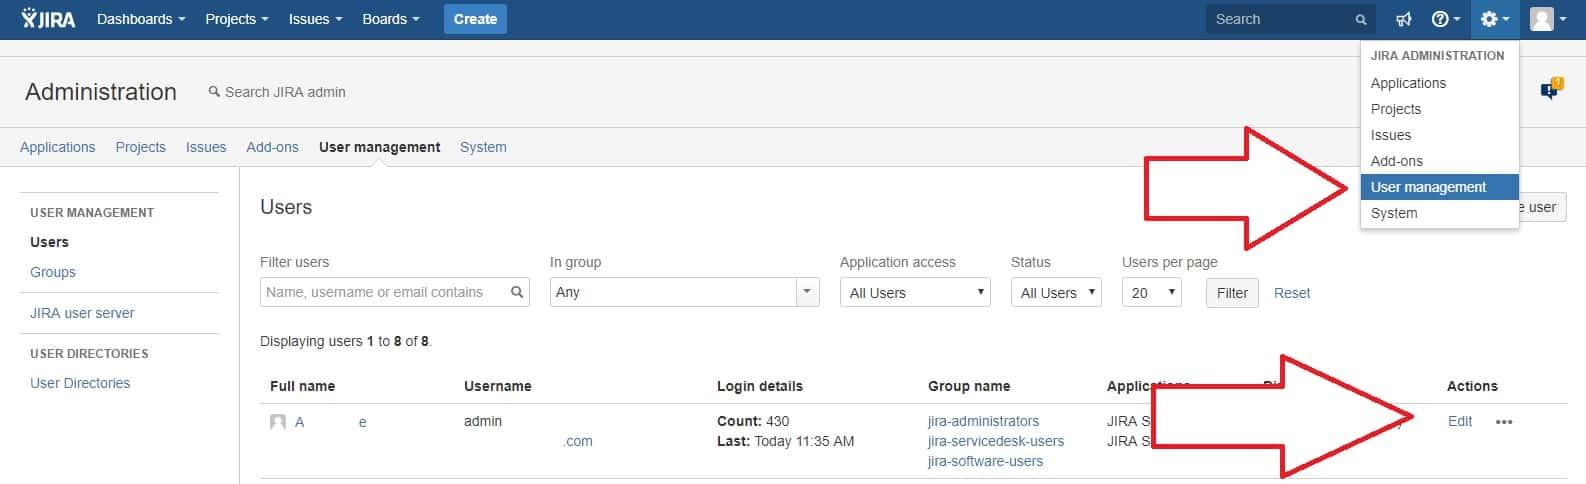 Deleting users in Jira for GDPR